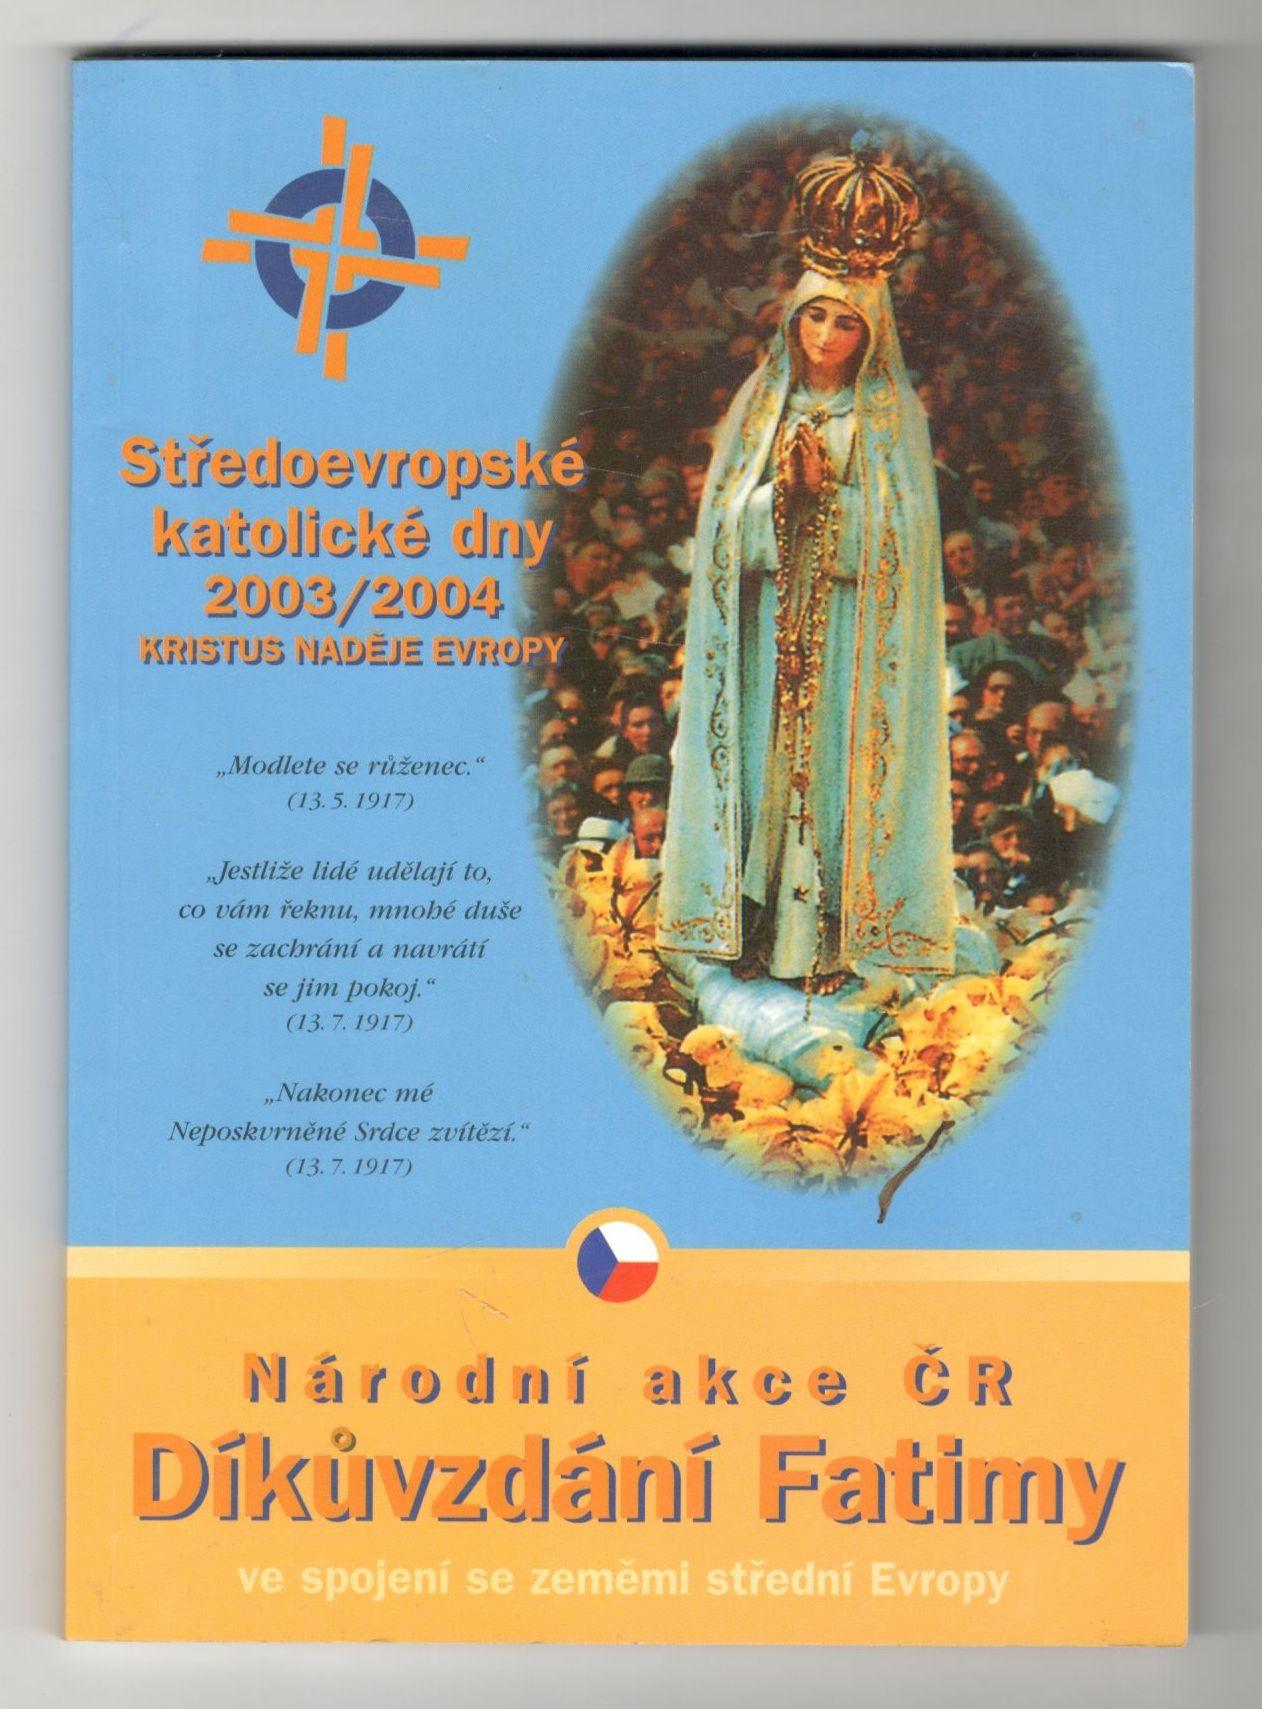 Středoevropské katolické dny 2003/2004